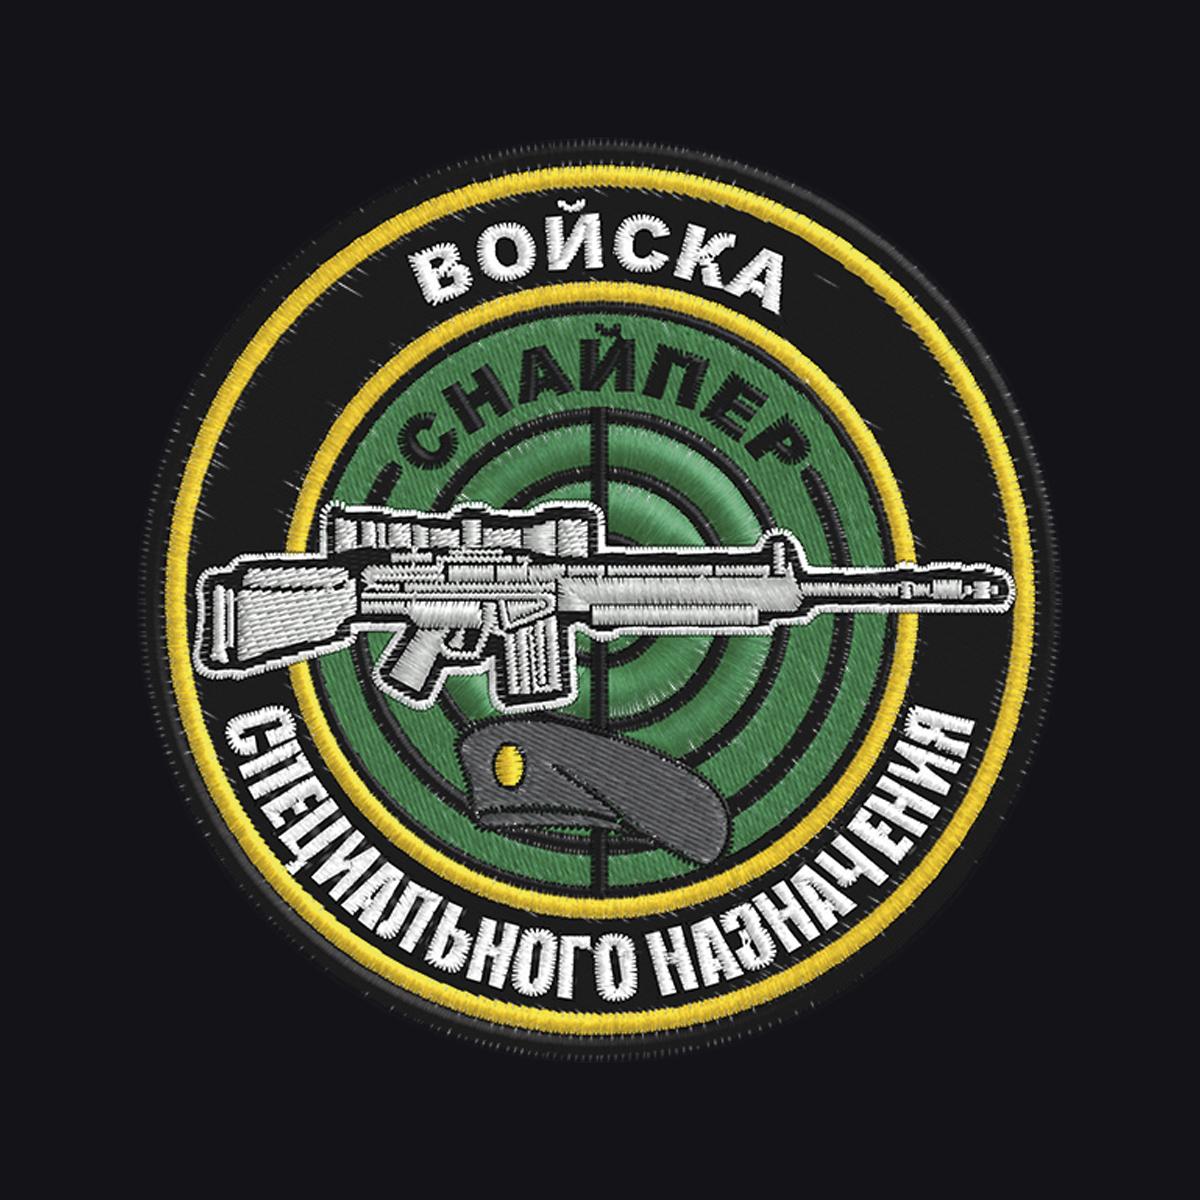 Стильная мужская футболка с вышитой эмблемой Спецназ Снайпер - купить онлайн